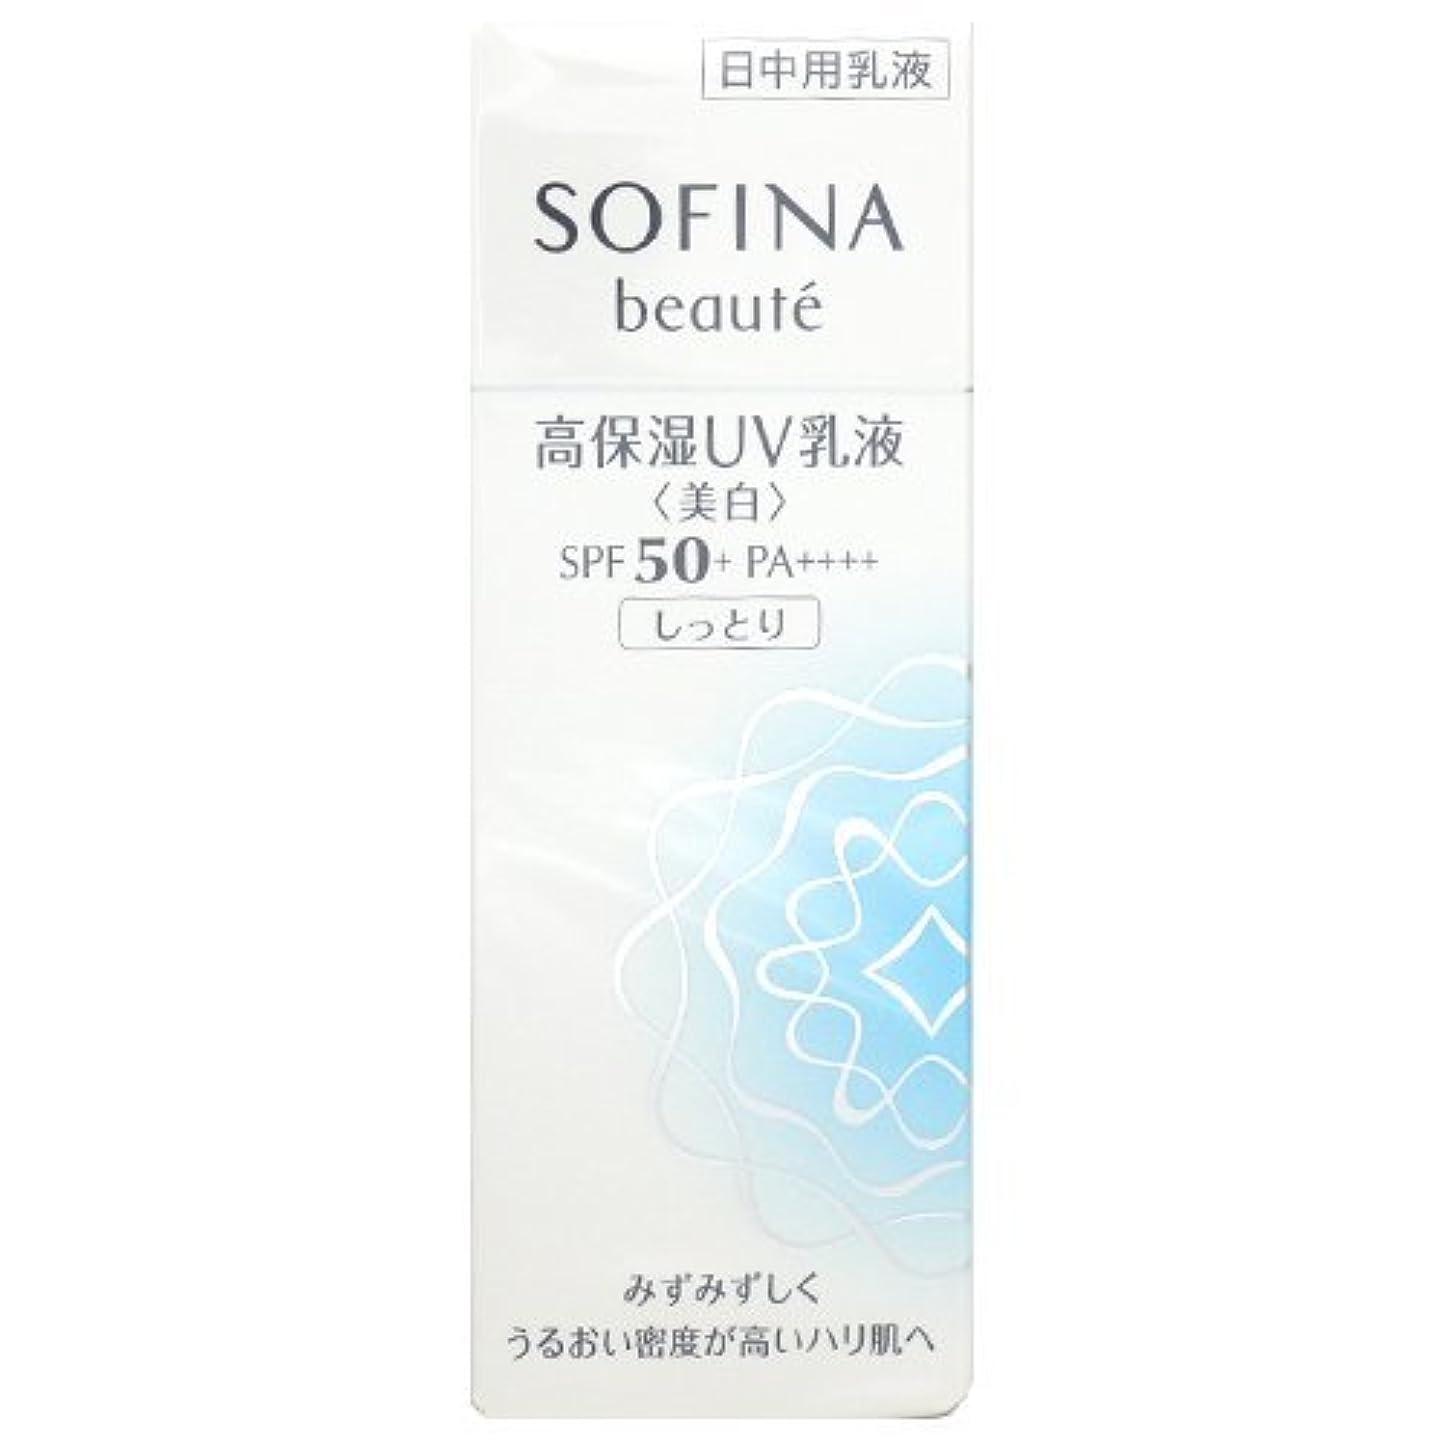 制約閉じ込める職人花王 ソフィーナ ボーテ SOFINA beaute 高保湿UV乳液 美白 SPF50+ PA++++ しっとり 30g [並行輸入品]